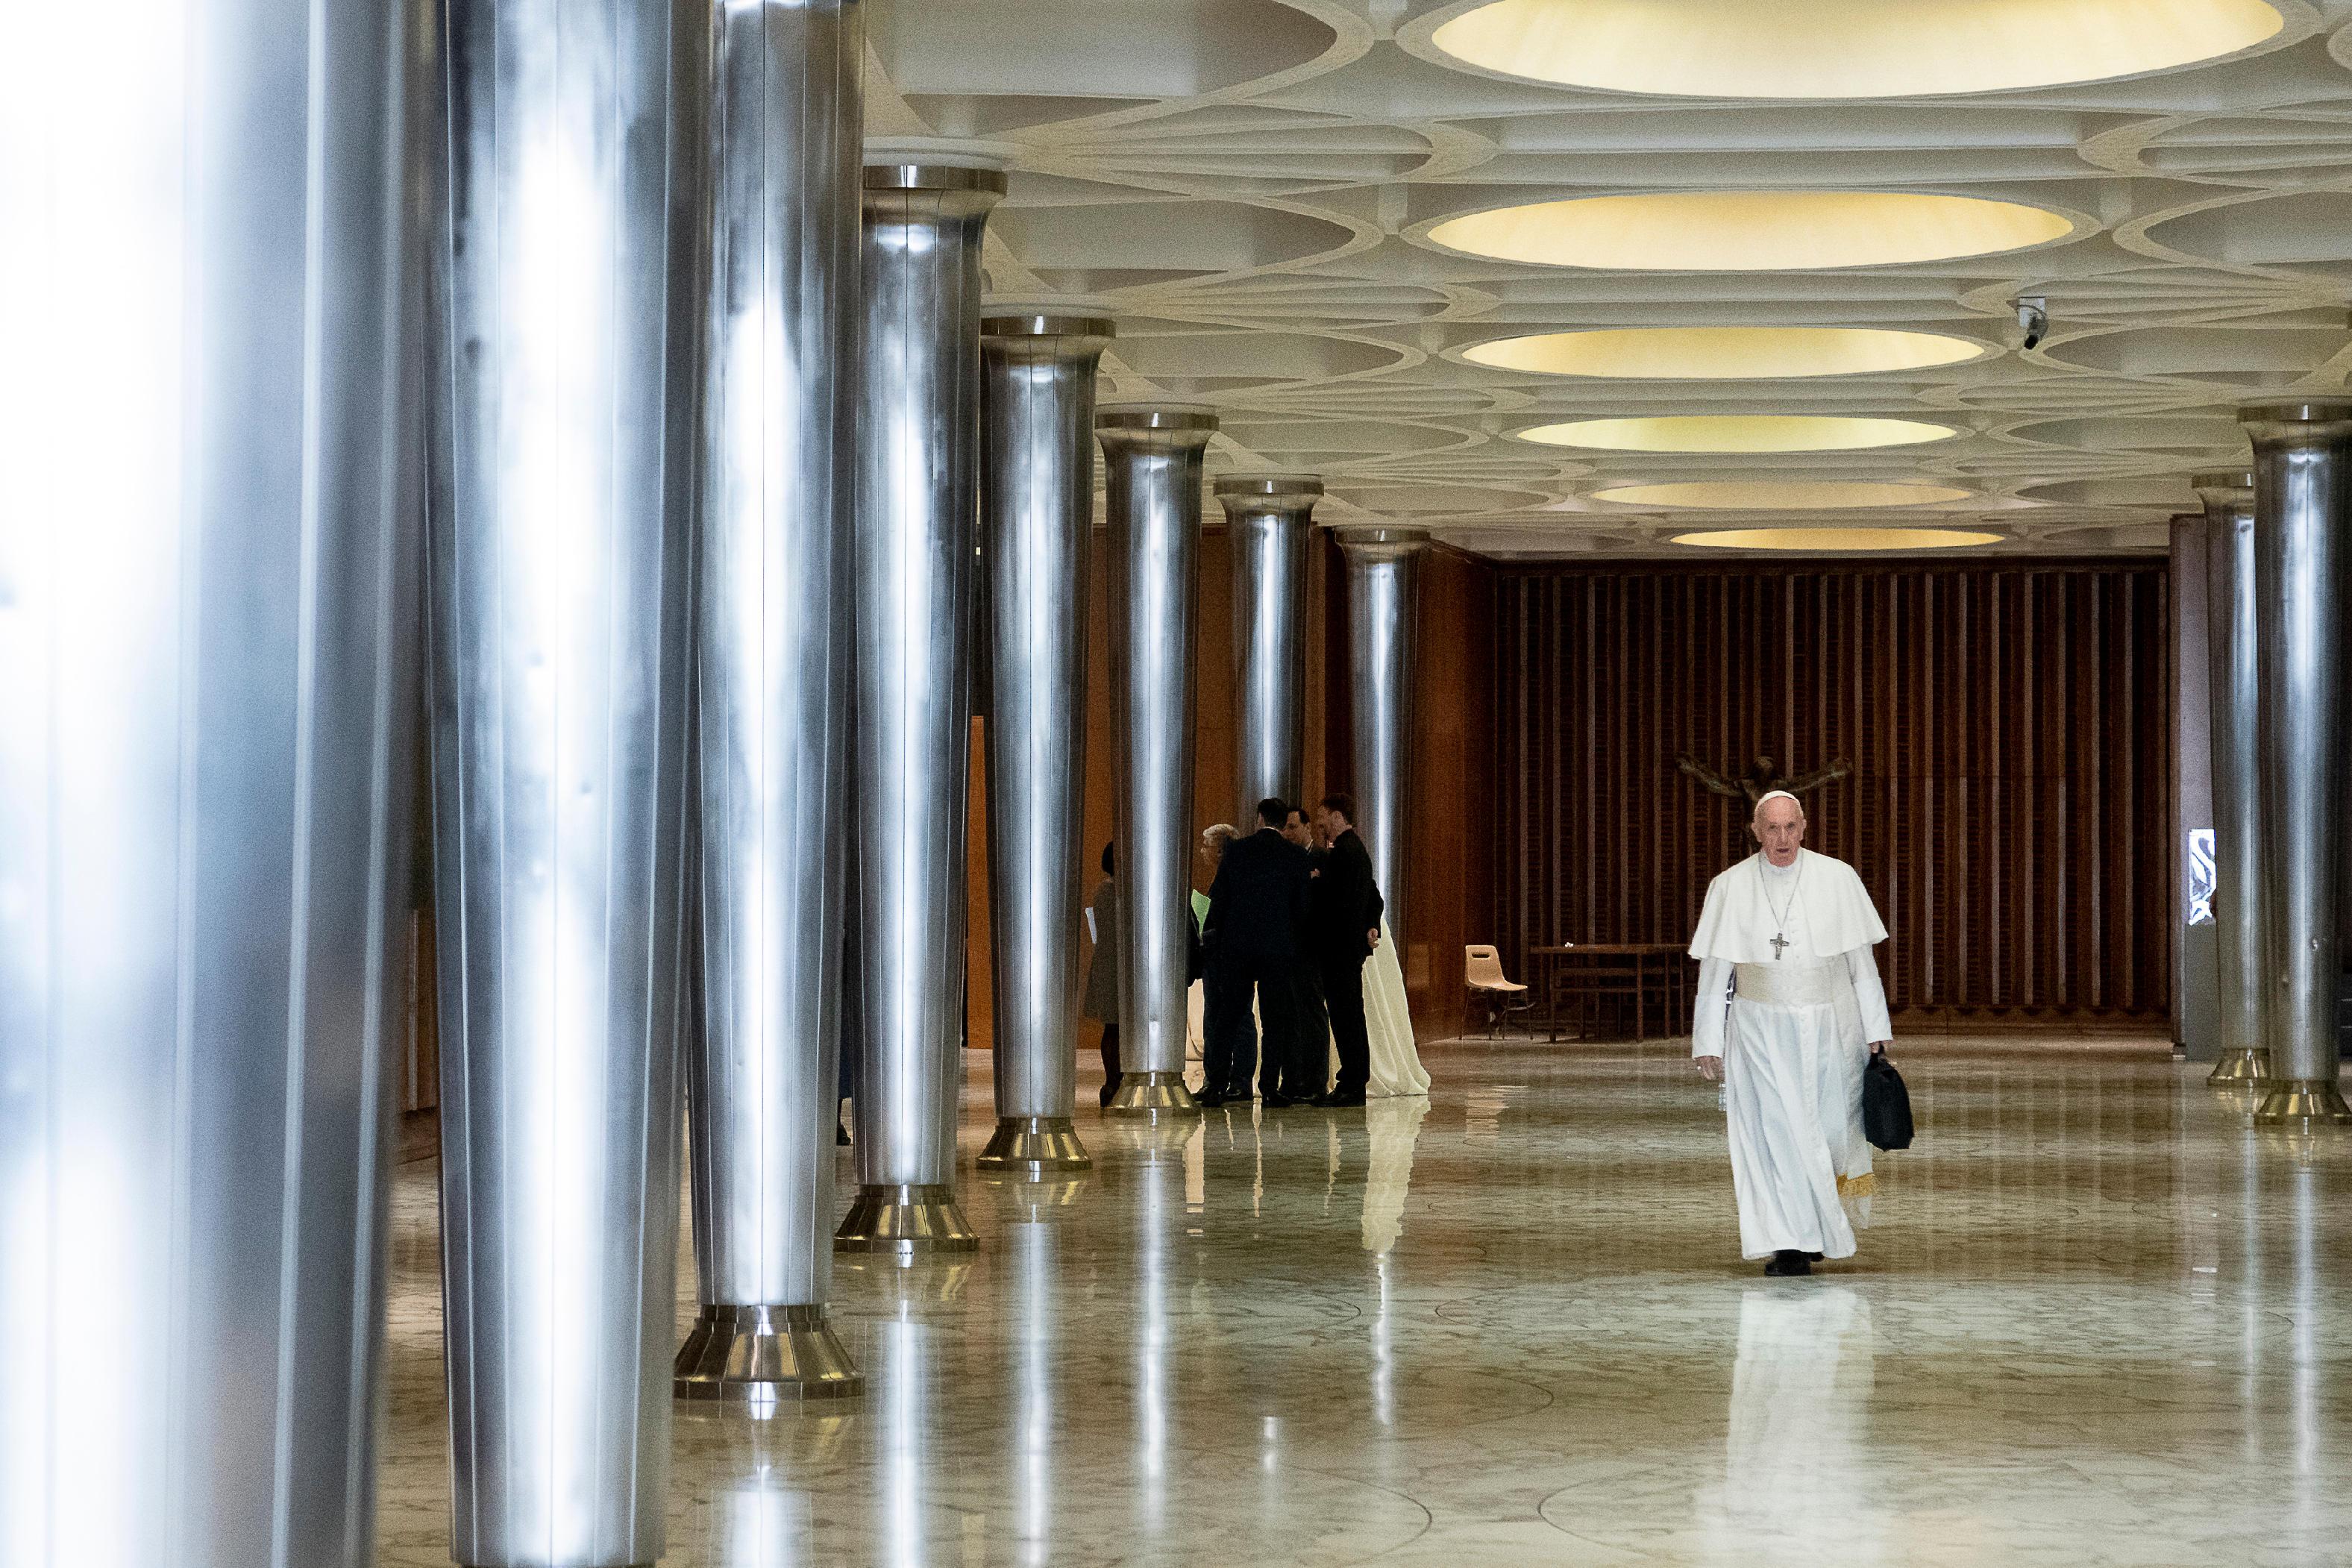 El Papa Francisco llega al aula nueva del Sínodo © Vatican Media